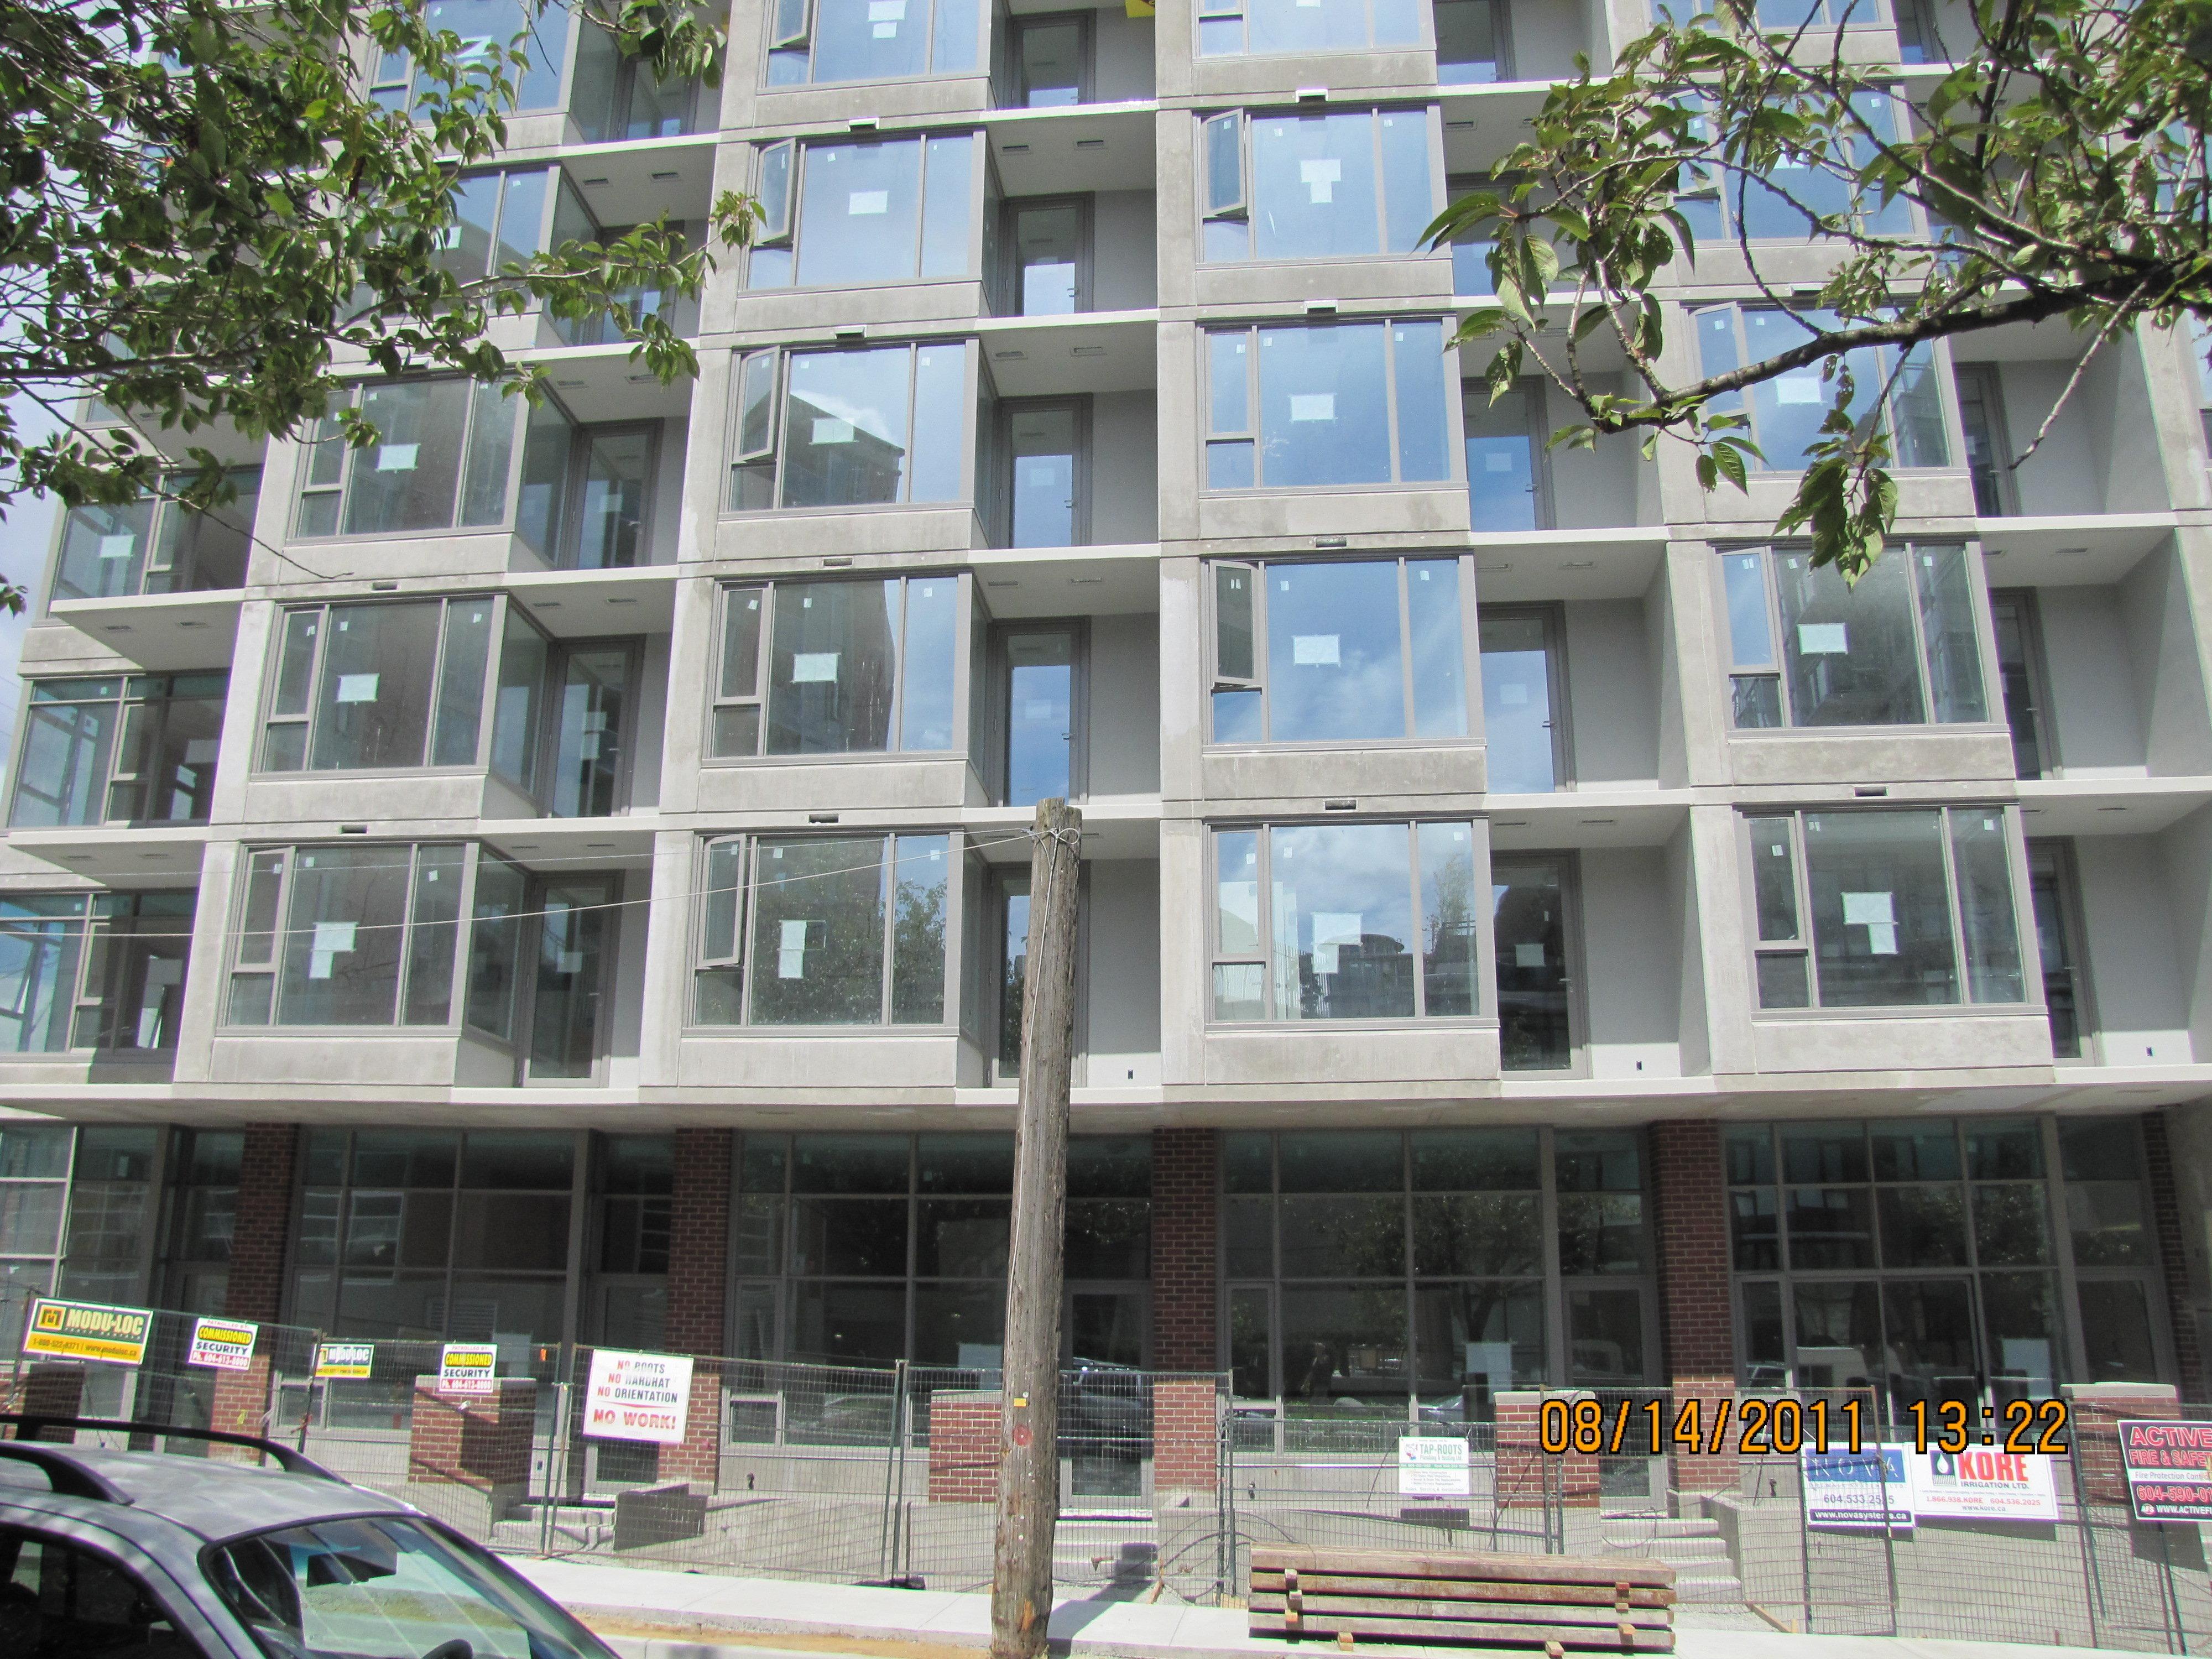 District 251 E 7th Avenue!